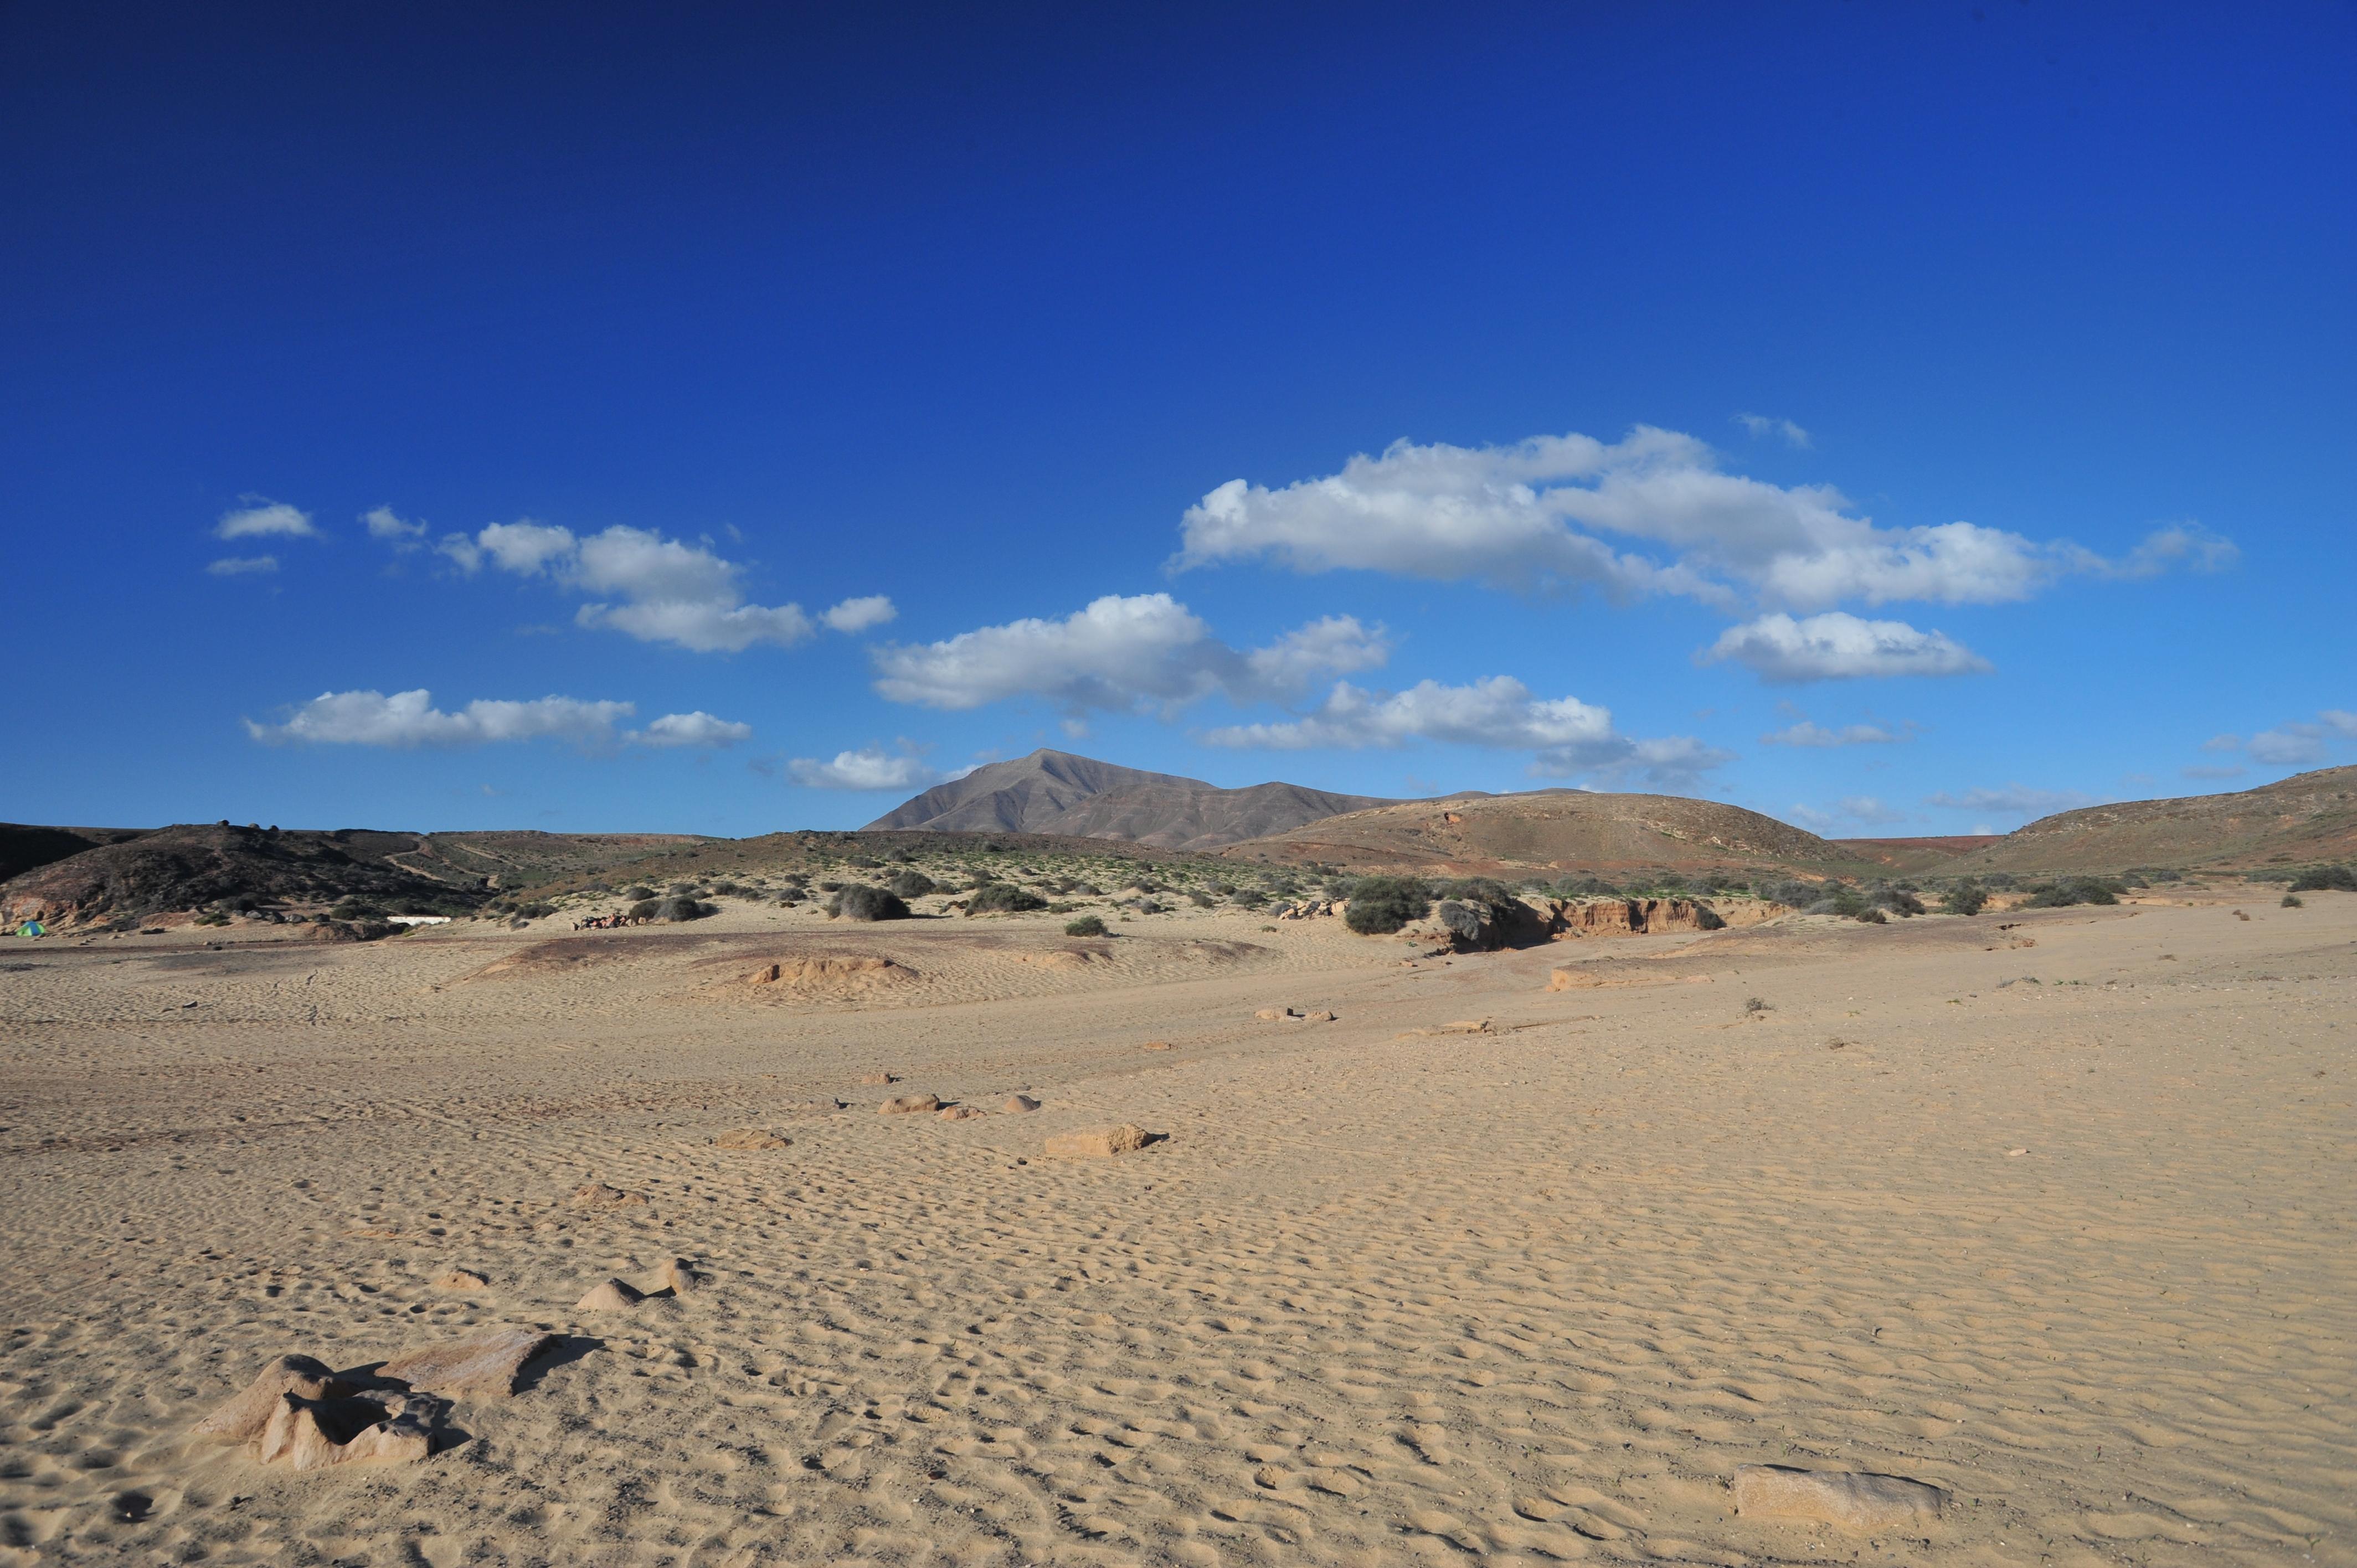 Hiking to Punta del Papagayo